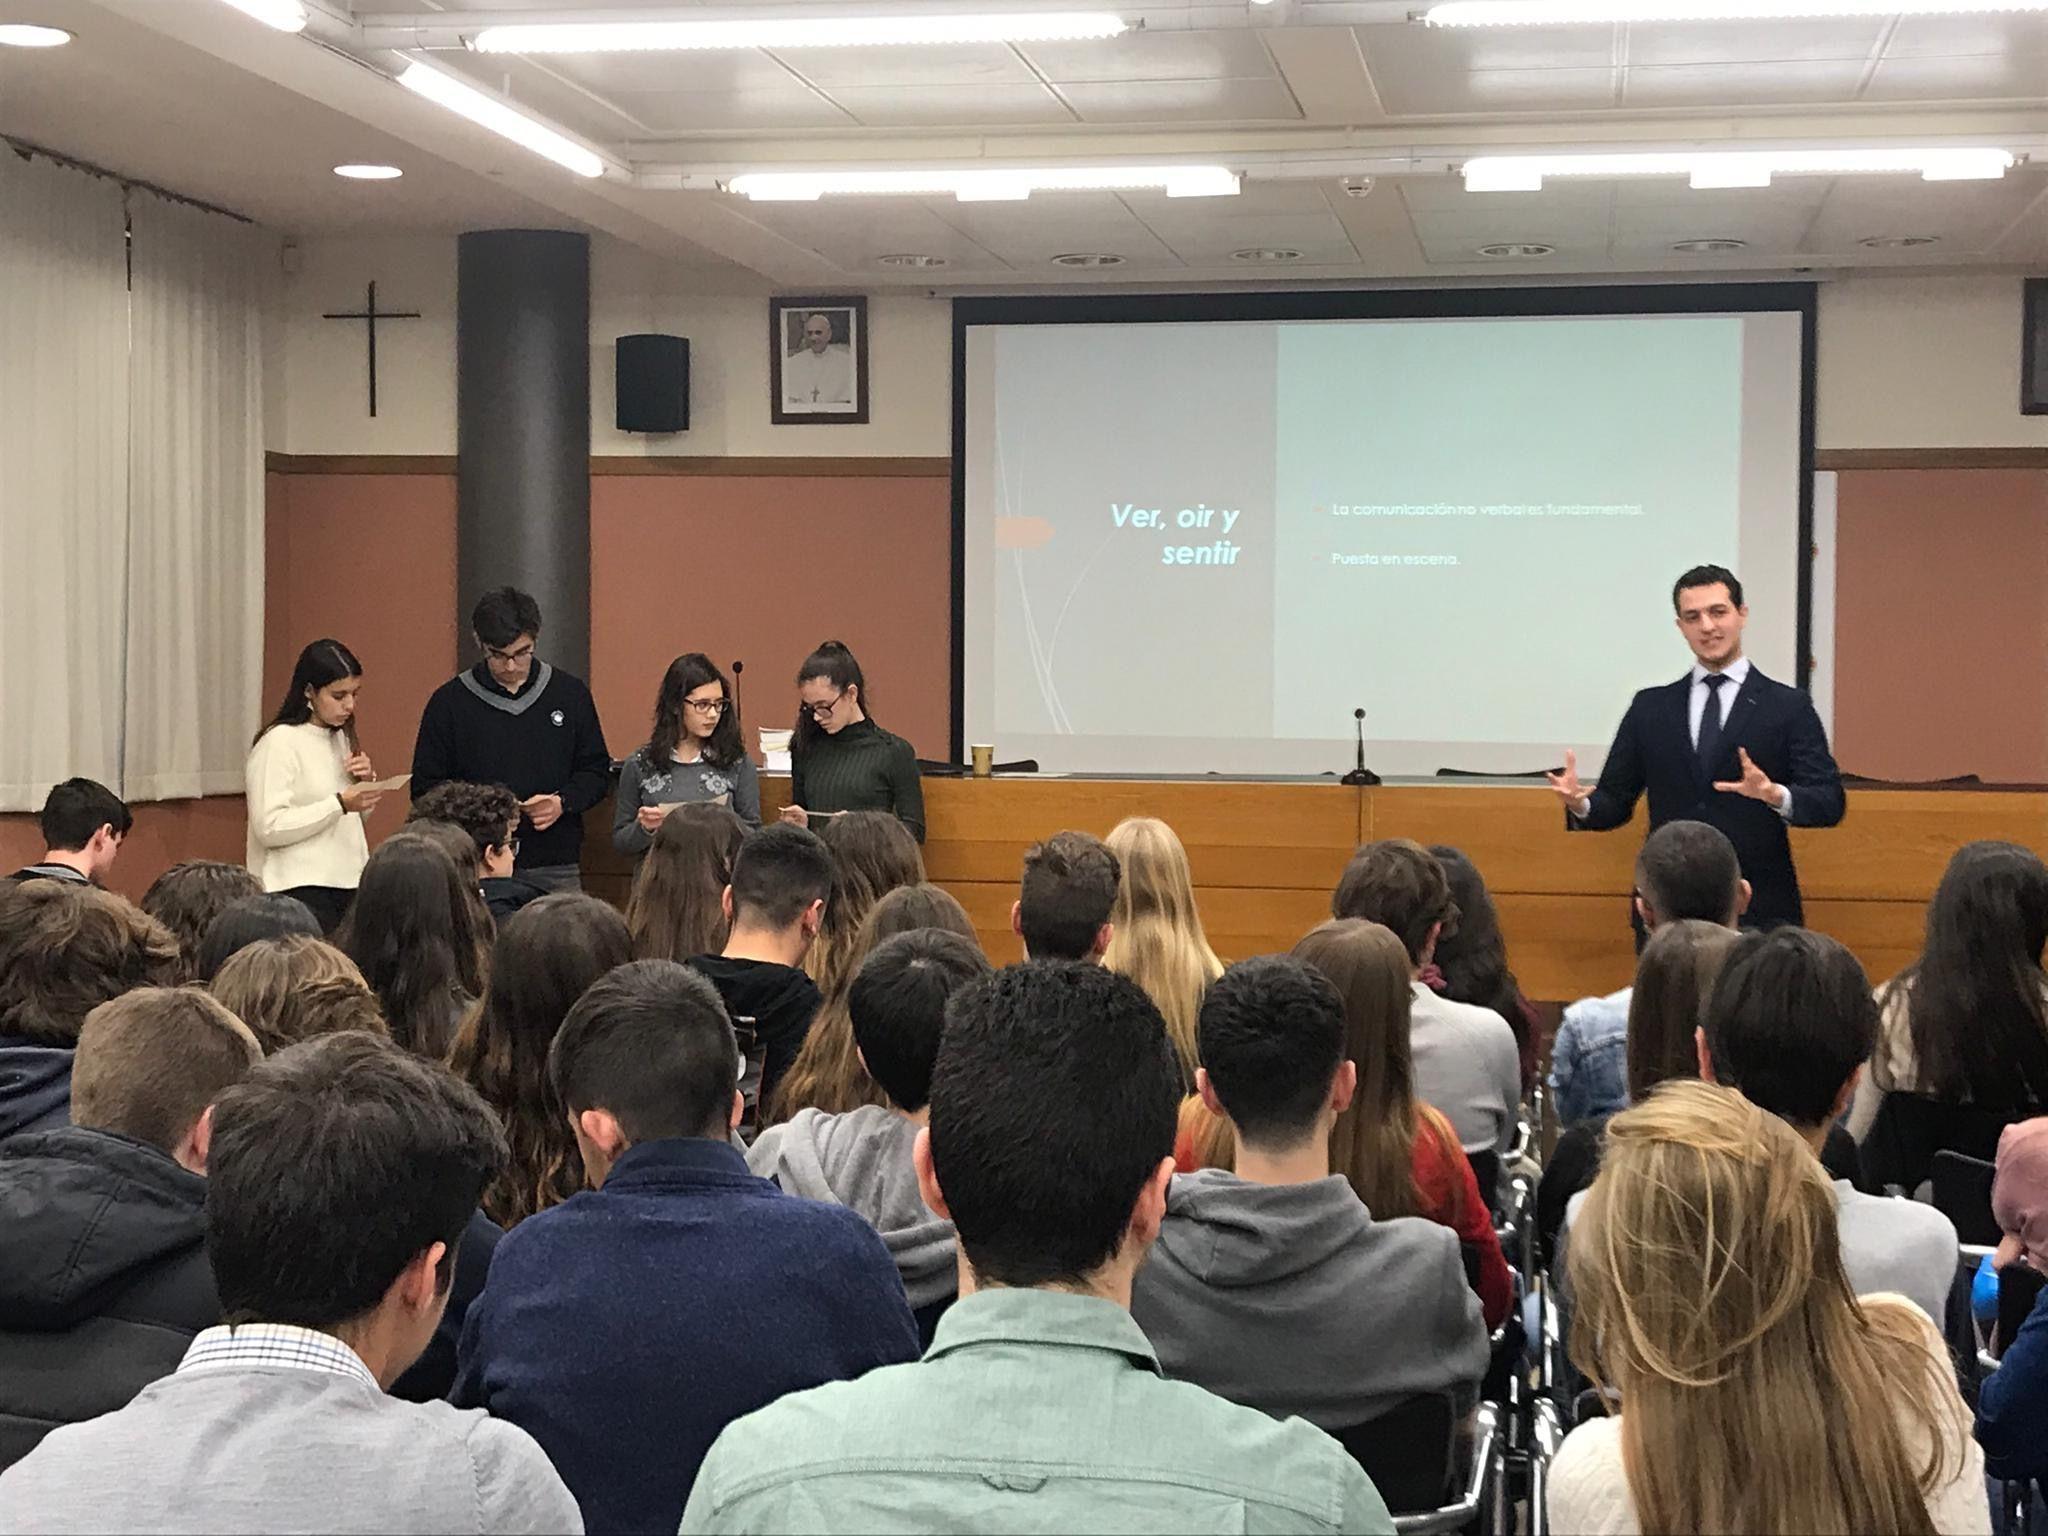 Explicación de Daniel Torres durante la sesión y participación de los alumnos.